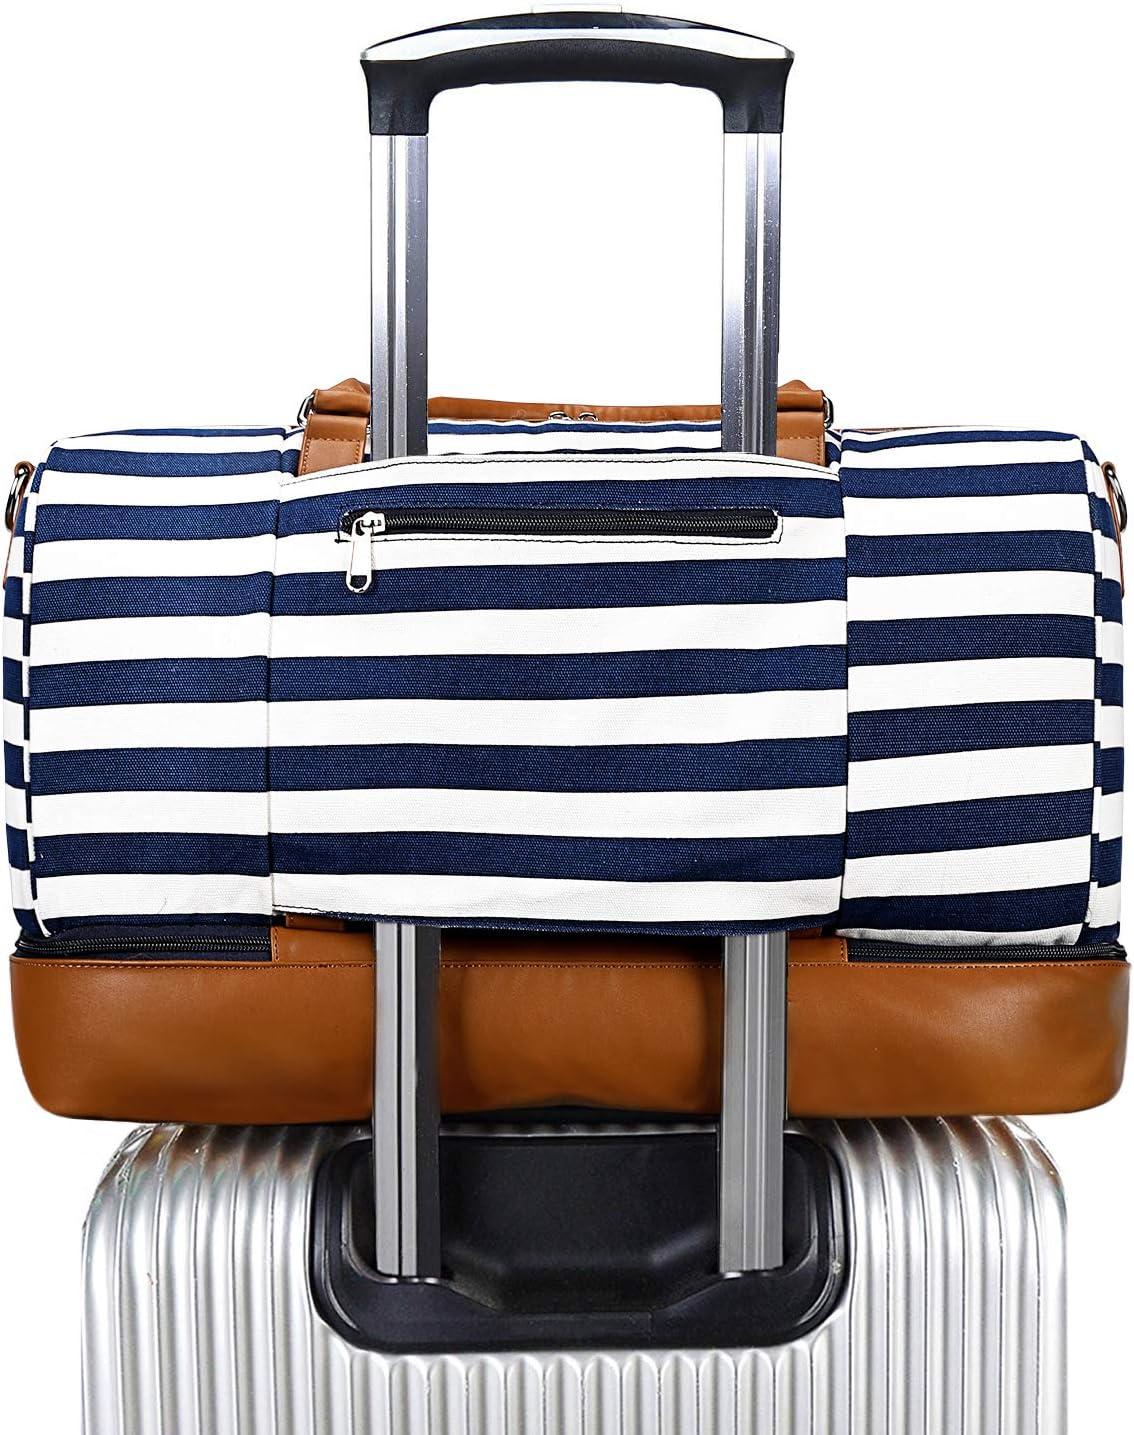 S-ZONE Sacs de Voyage Toile PU Cuir Garniture Sangle Voyage Week-End Nuit/ée Bagage /à Main Duffel Sac /à Main avec Compartiment /à Chaussures